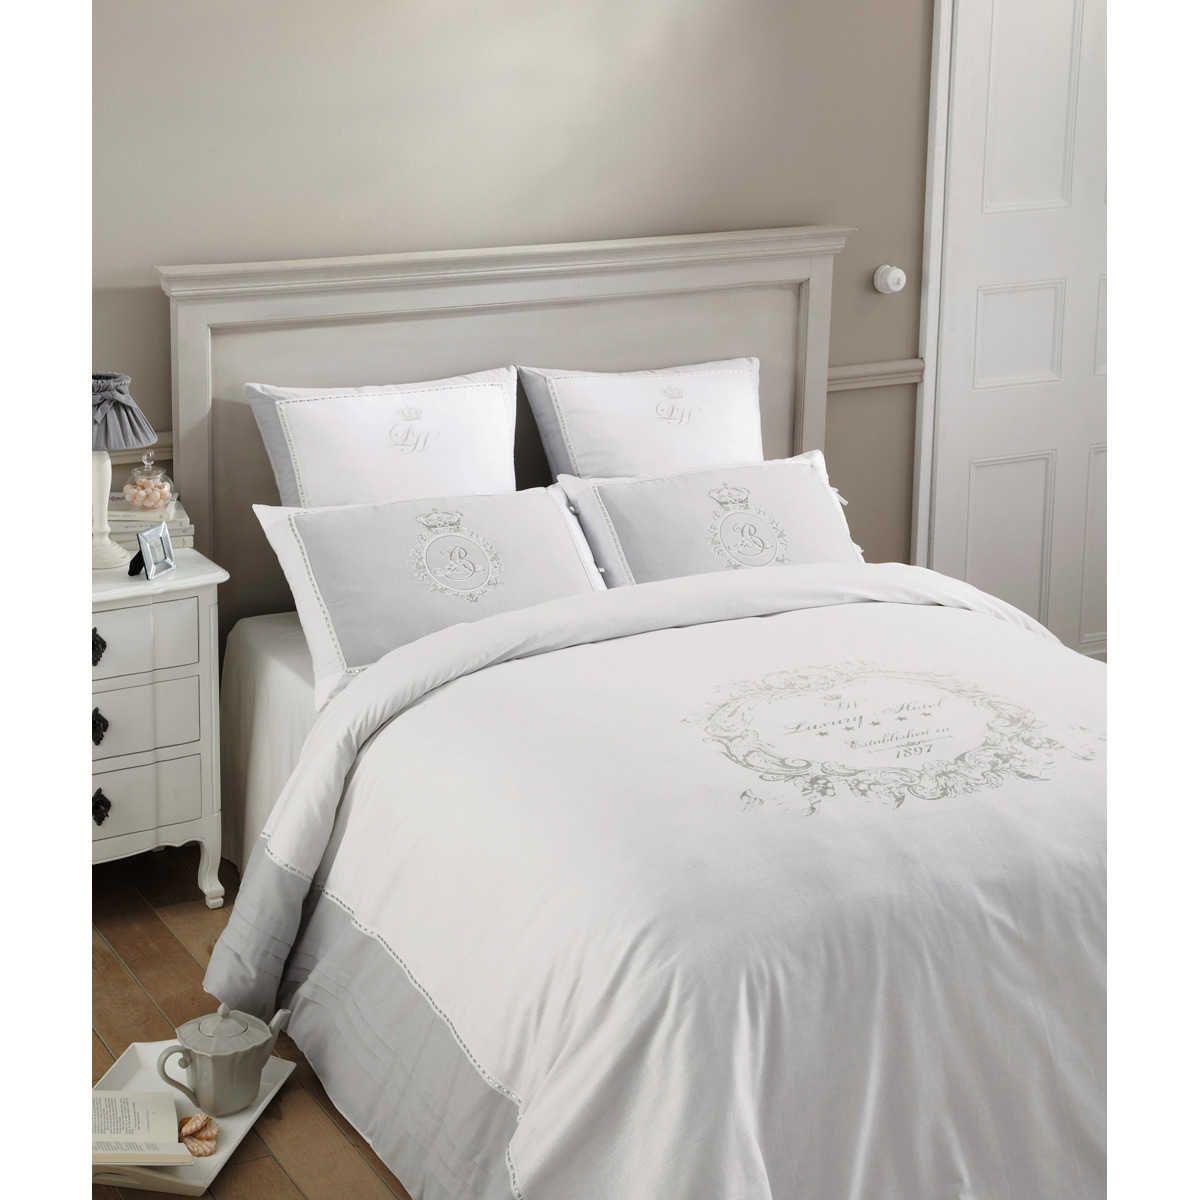 Parure de lit 220 x 240 cm en coton blanche LUXURY | Maisons du ...